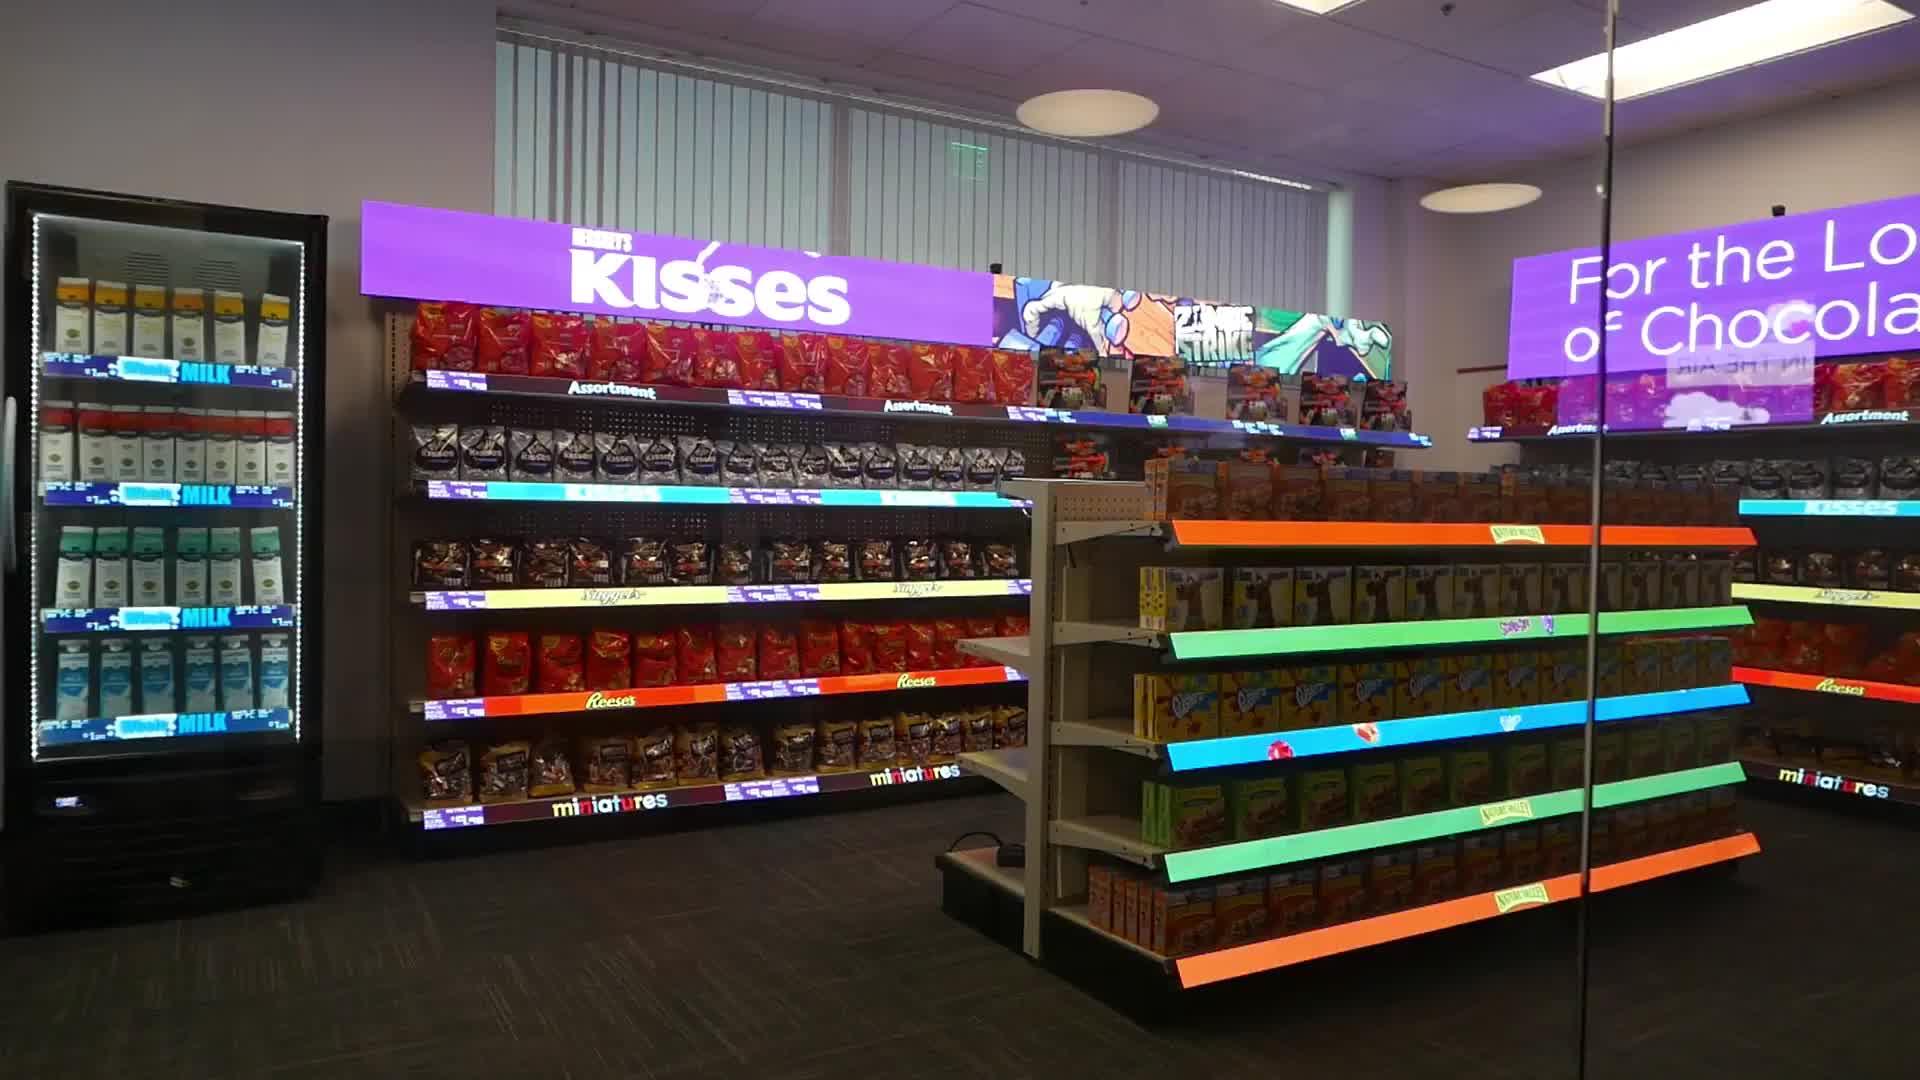 Süpermarket perakende mağaza dijital reklam kapalı P1.5625 akıllı raf led ekran